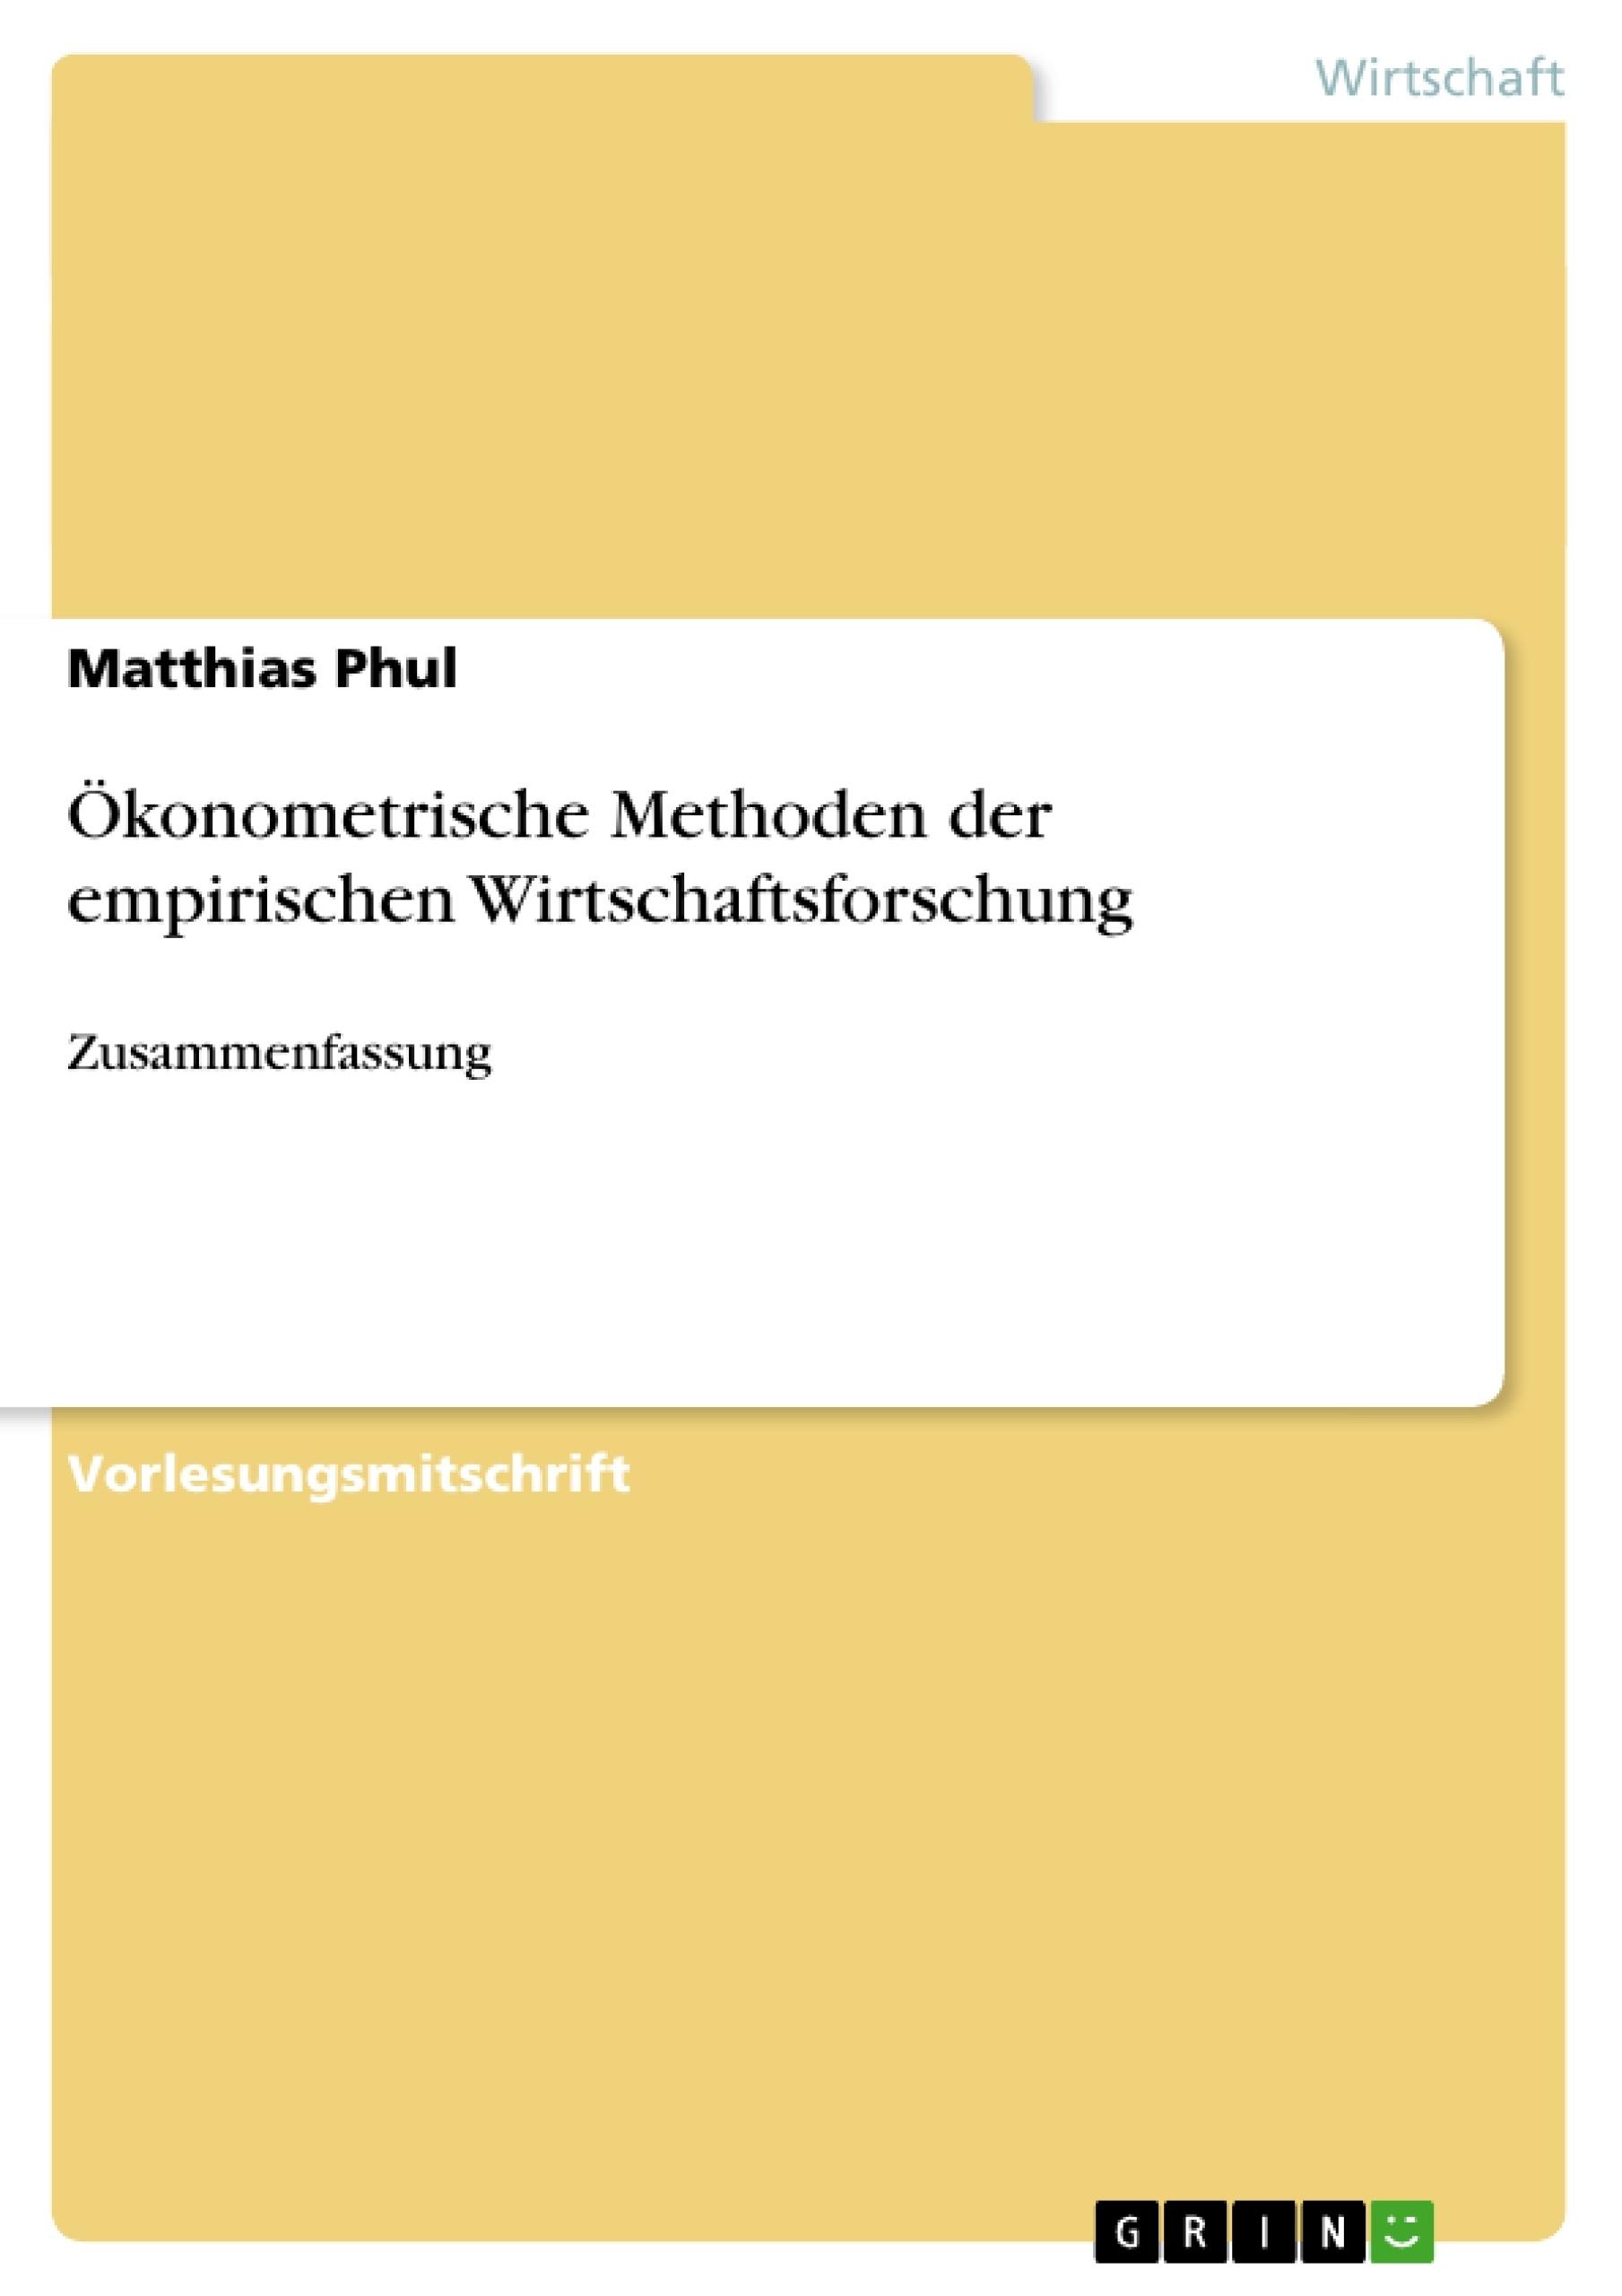 Titel: Ökonometrische Methoden der empirischen Wirtschaftsforschung